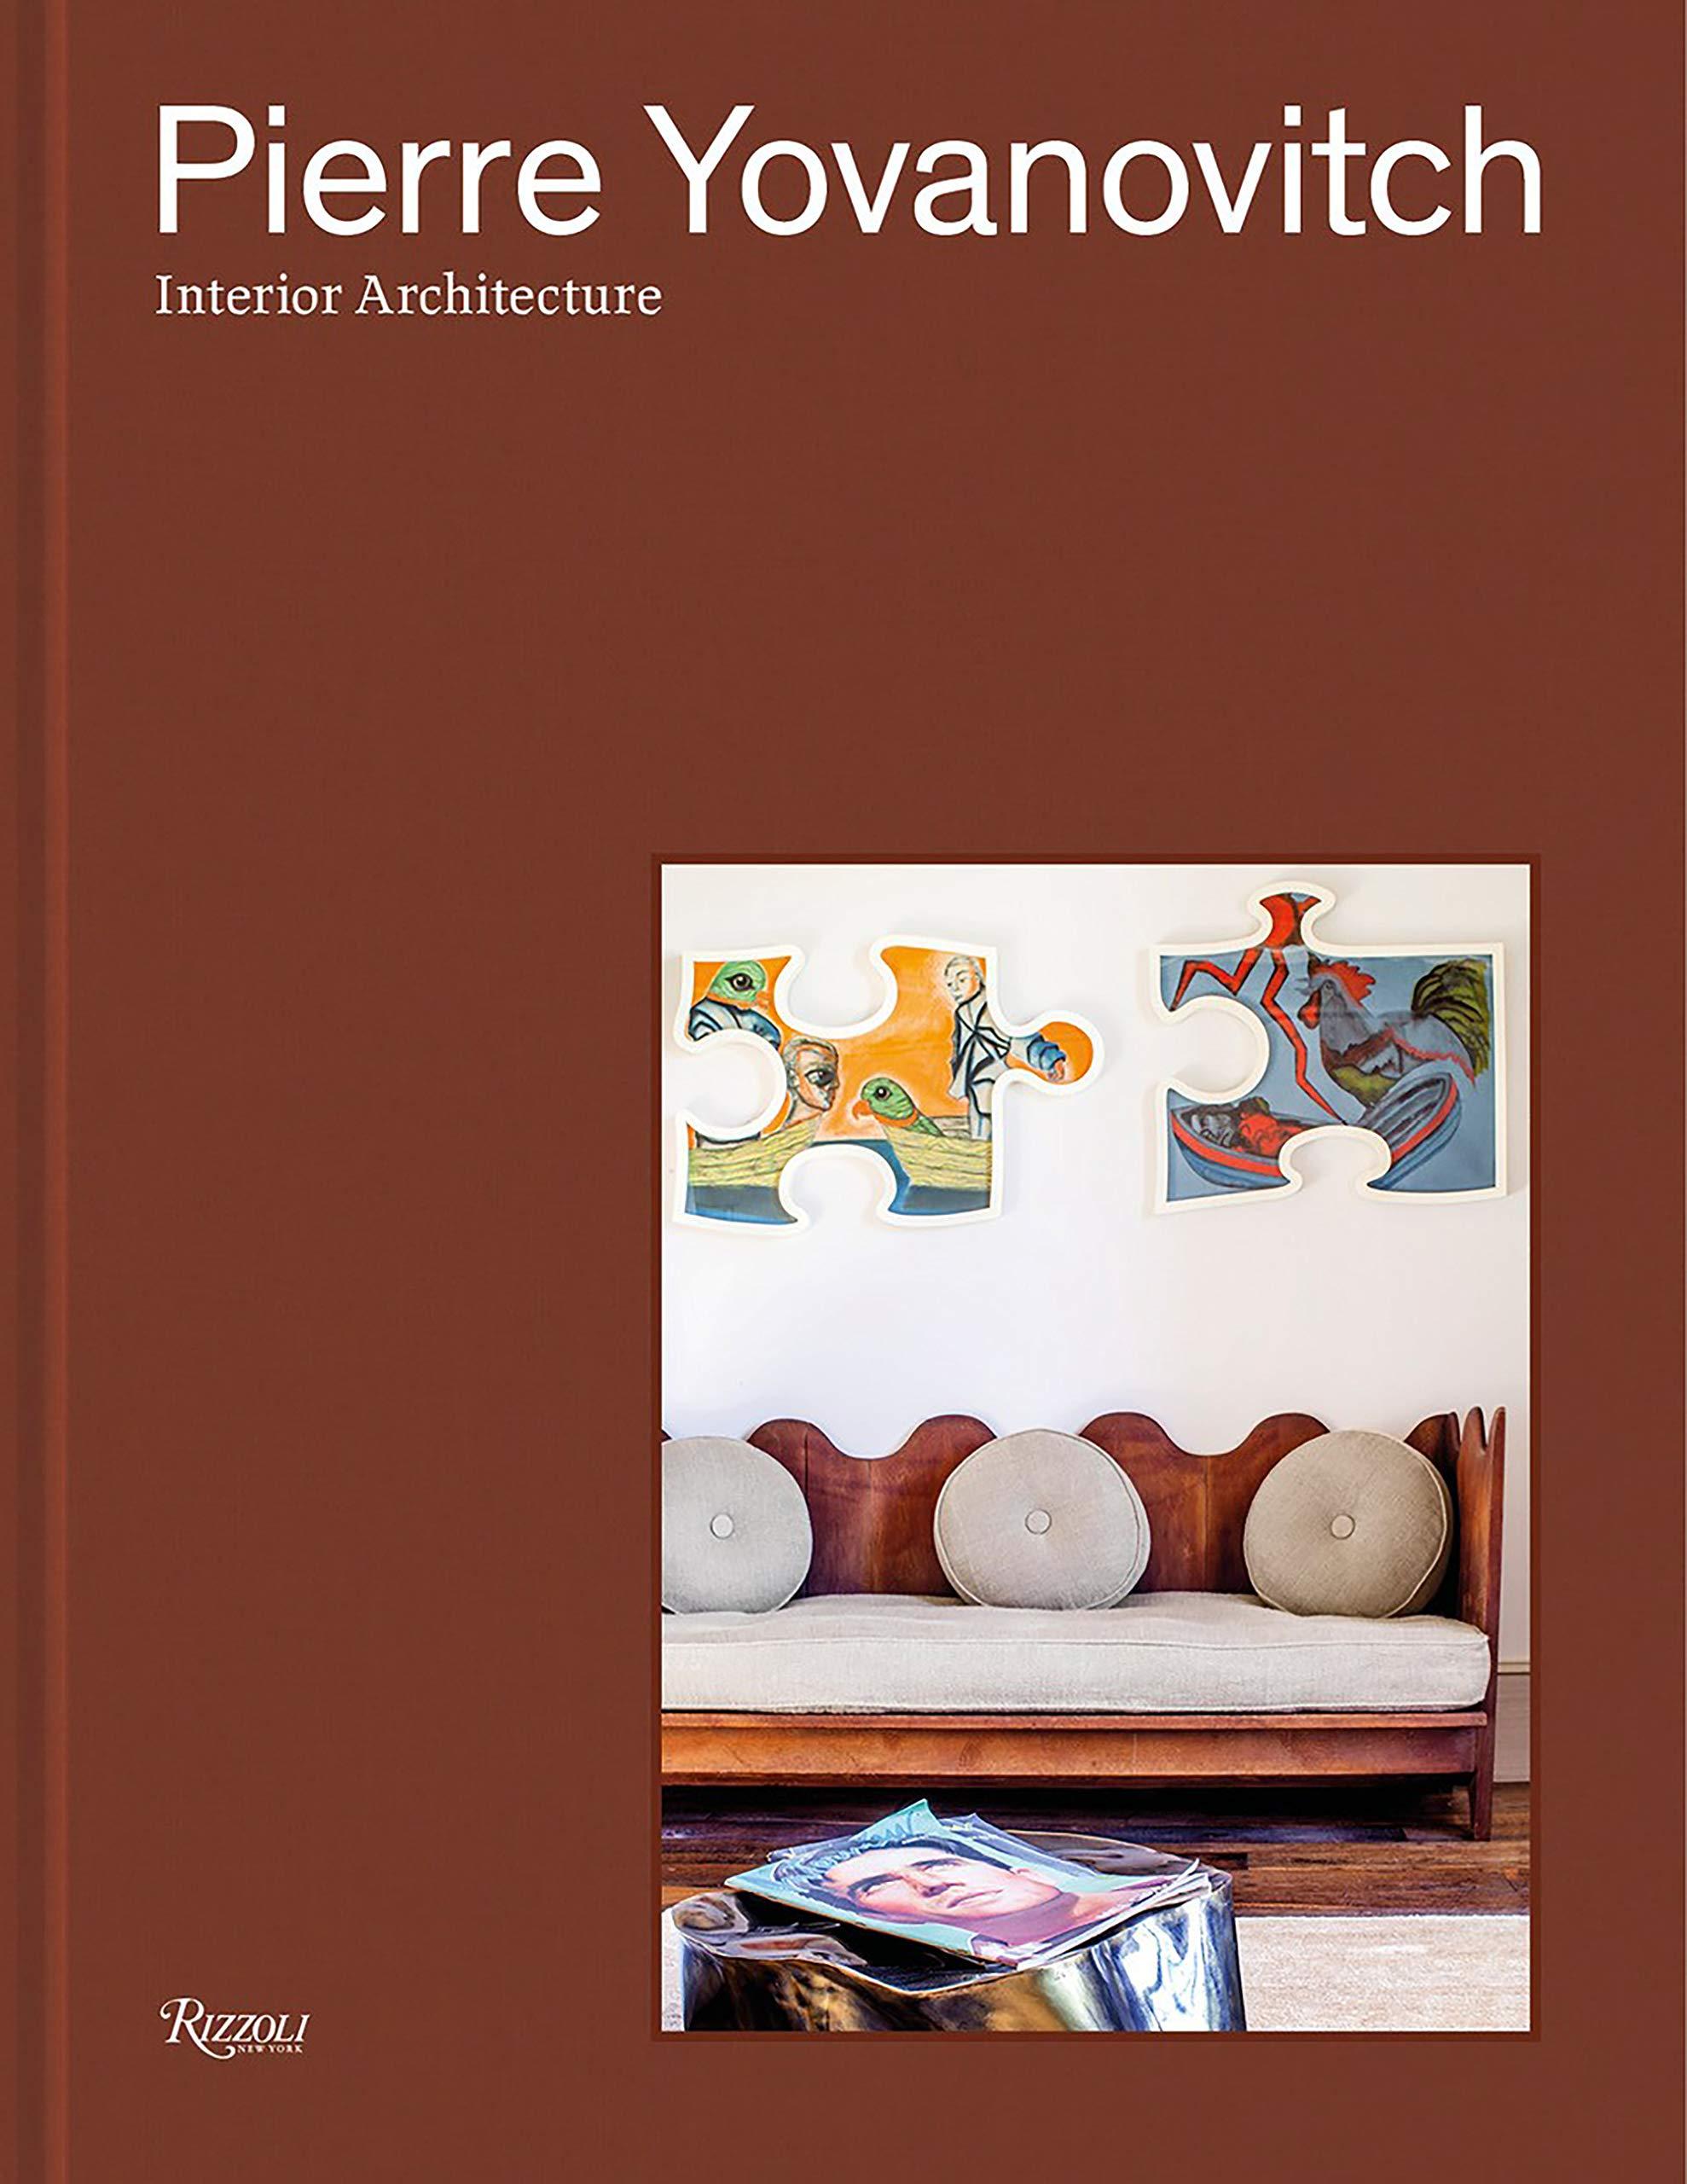 Amazon.fr   Pierre Yovanovitch: Interior Architecture   Pierre Yovanovitch,  Claire Tabouret, Olivier Gabet   Livres